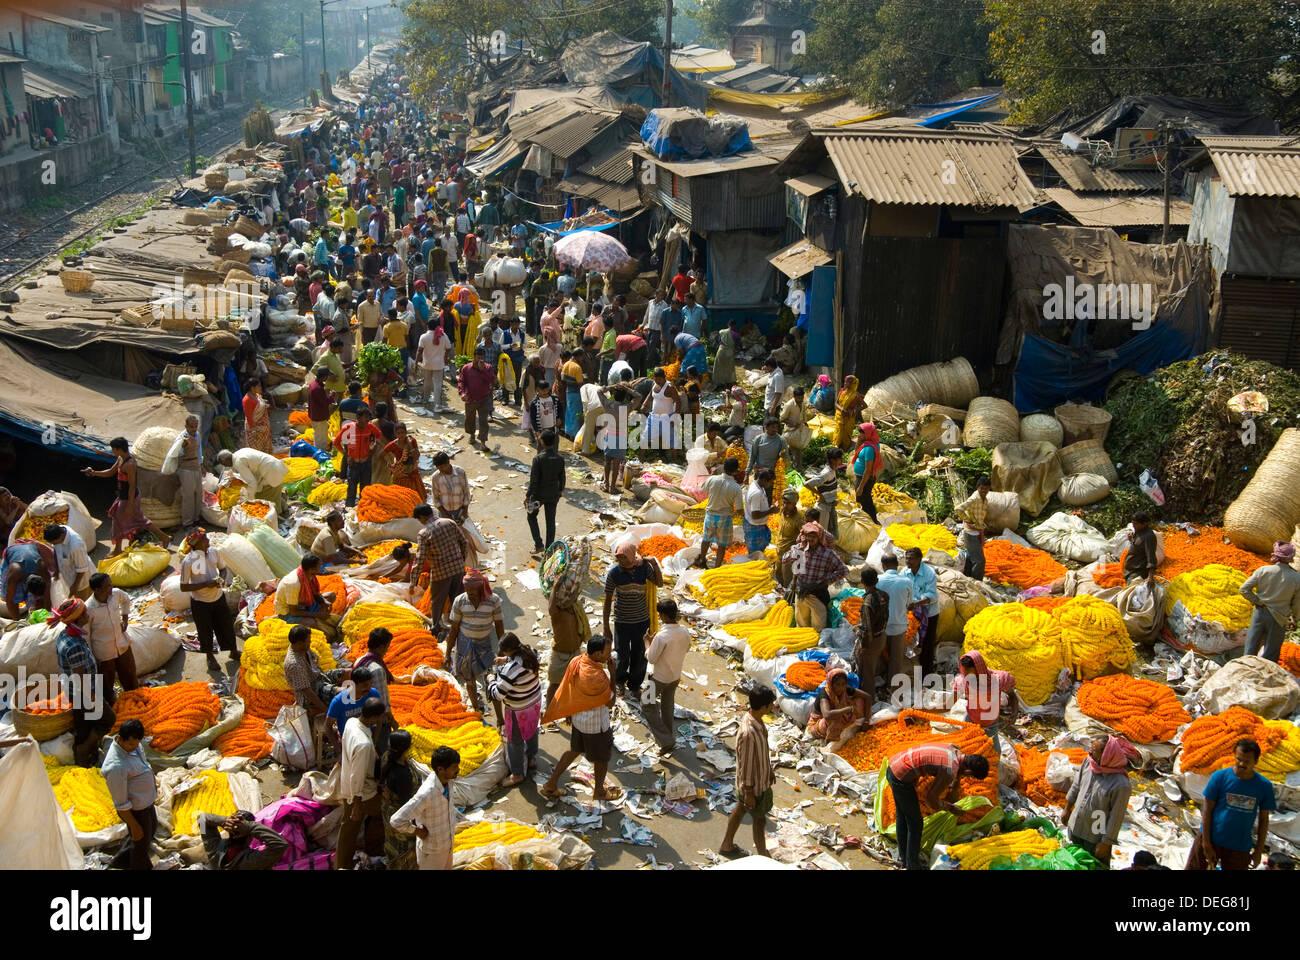 Armenia Ghat flower market, Kolkata (Calcutta), West Bengal, India, Asia Stock Photo